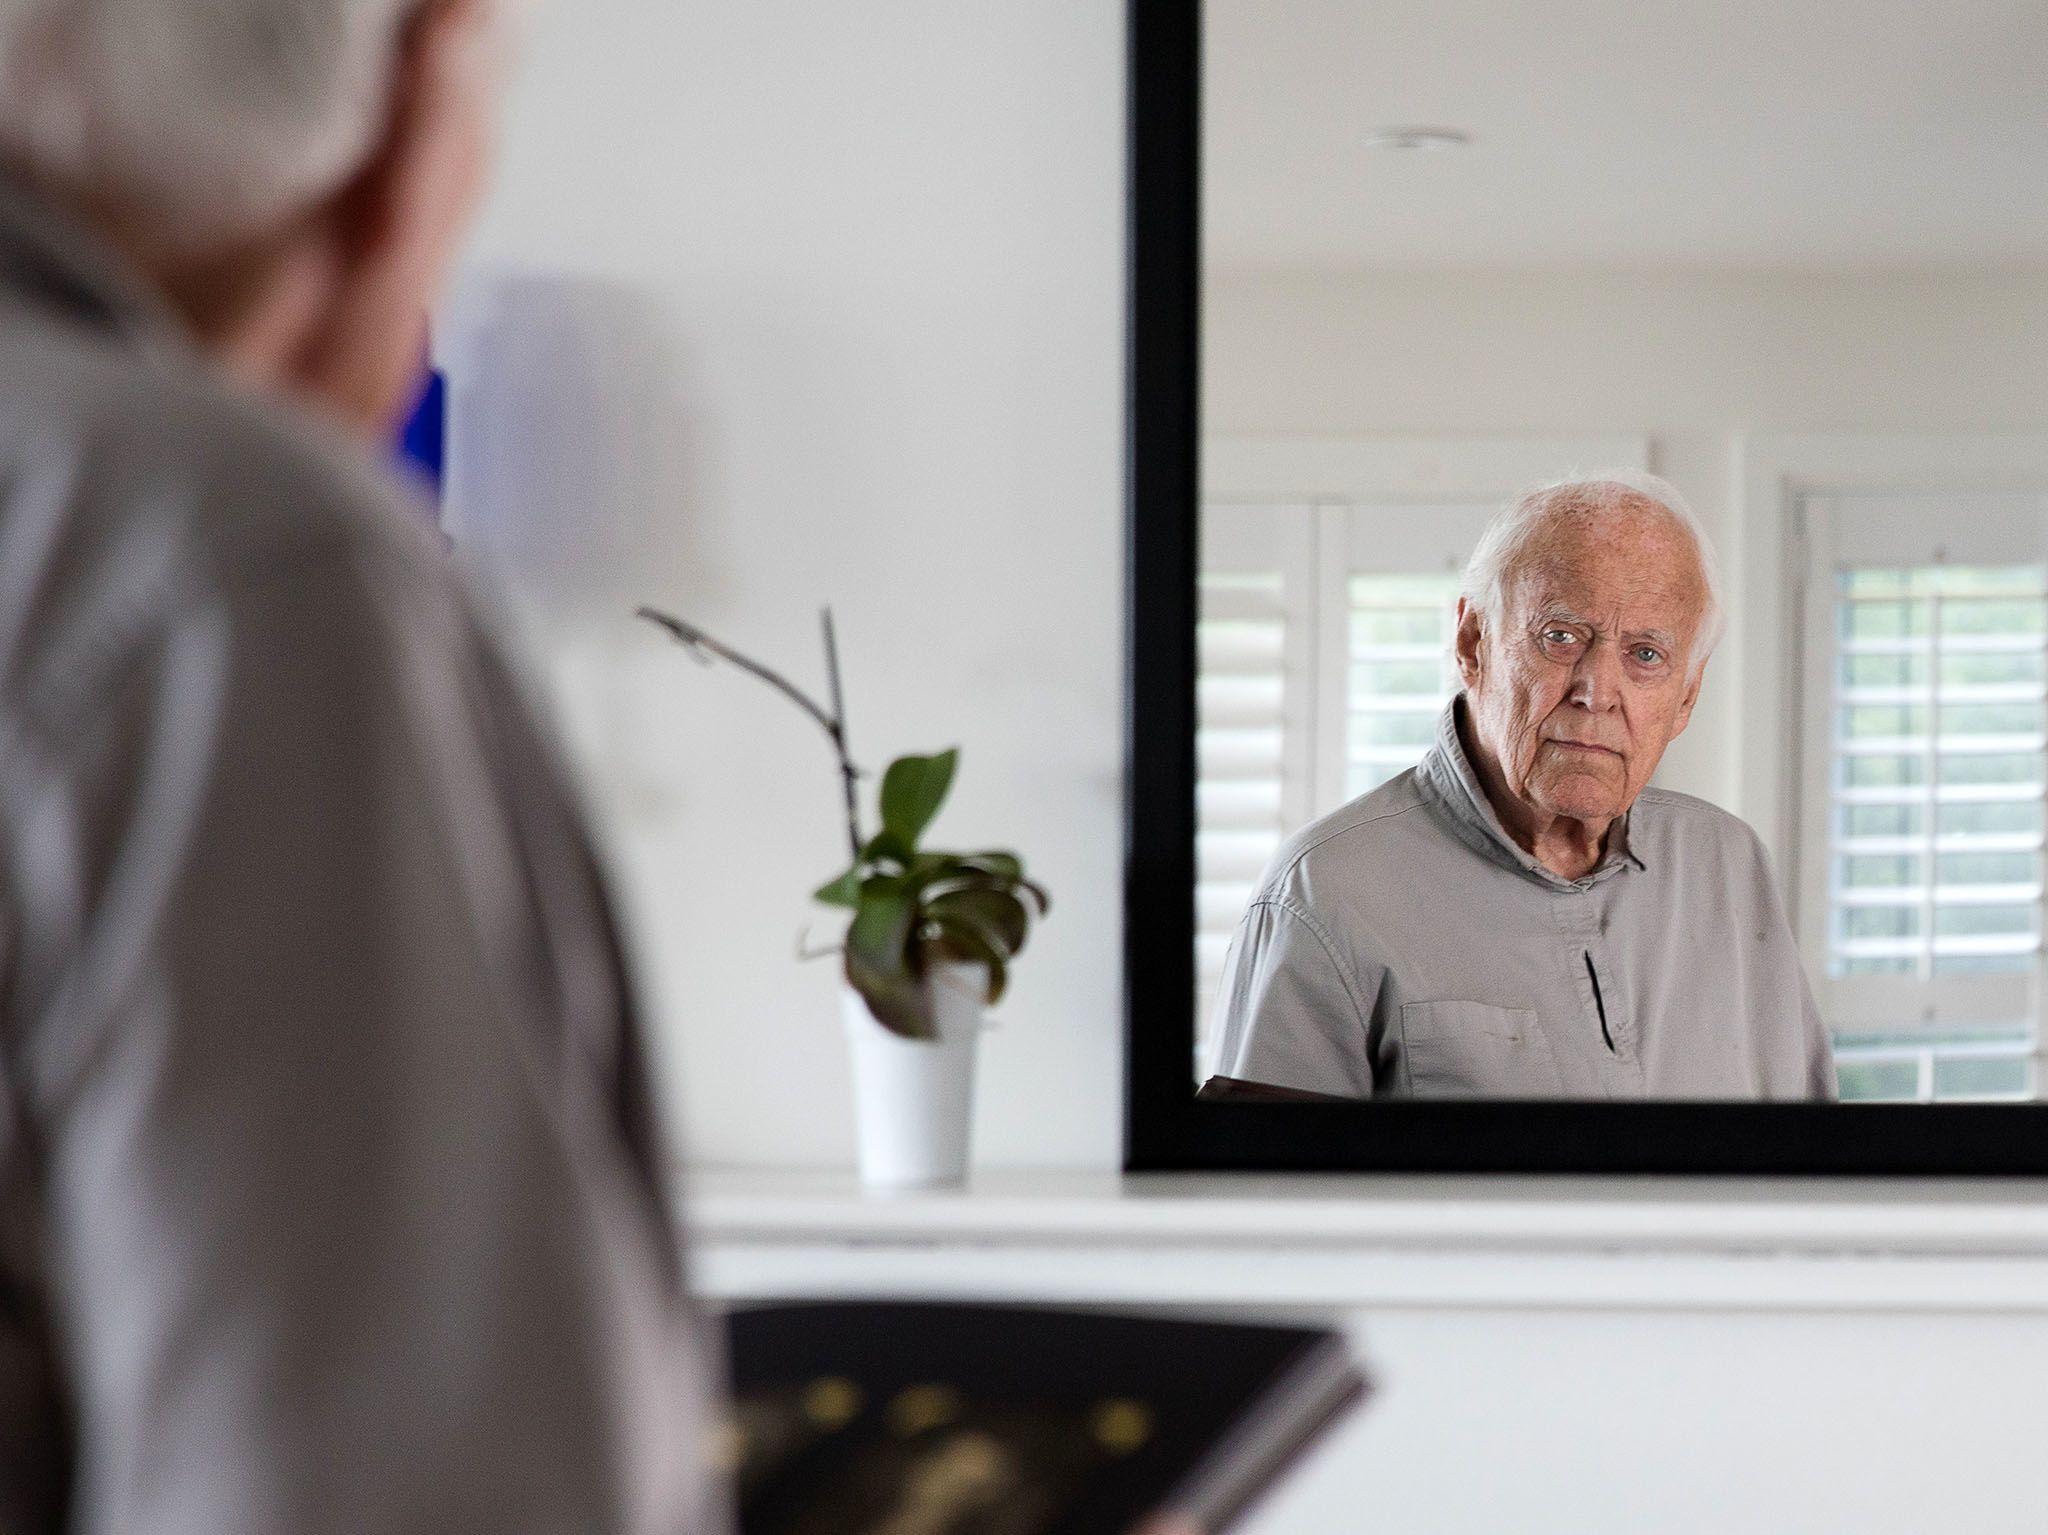 تورنتو: آدام سالخورده در خانه خود در کنار دریاچه. این... [Photo of the day - فوریه 2018]